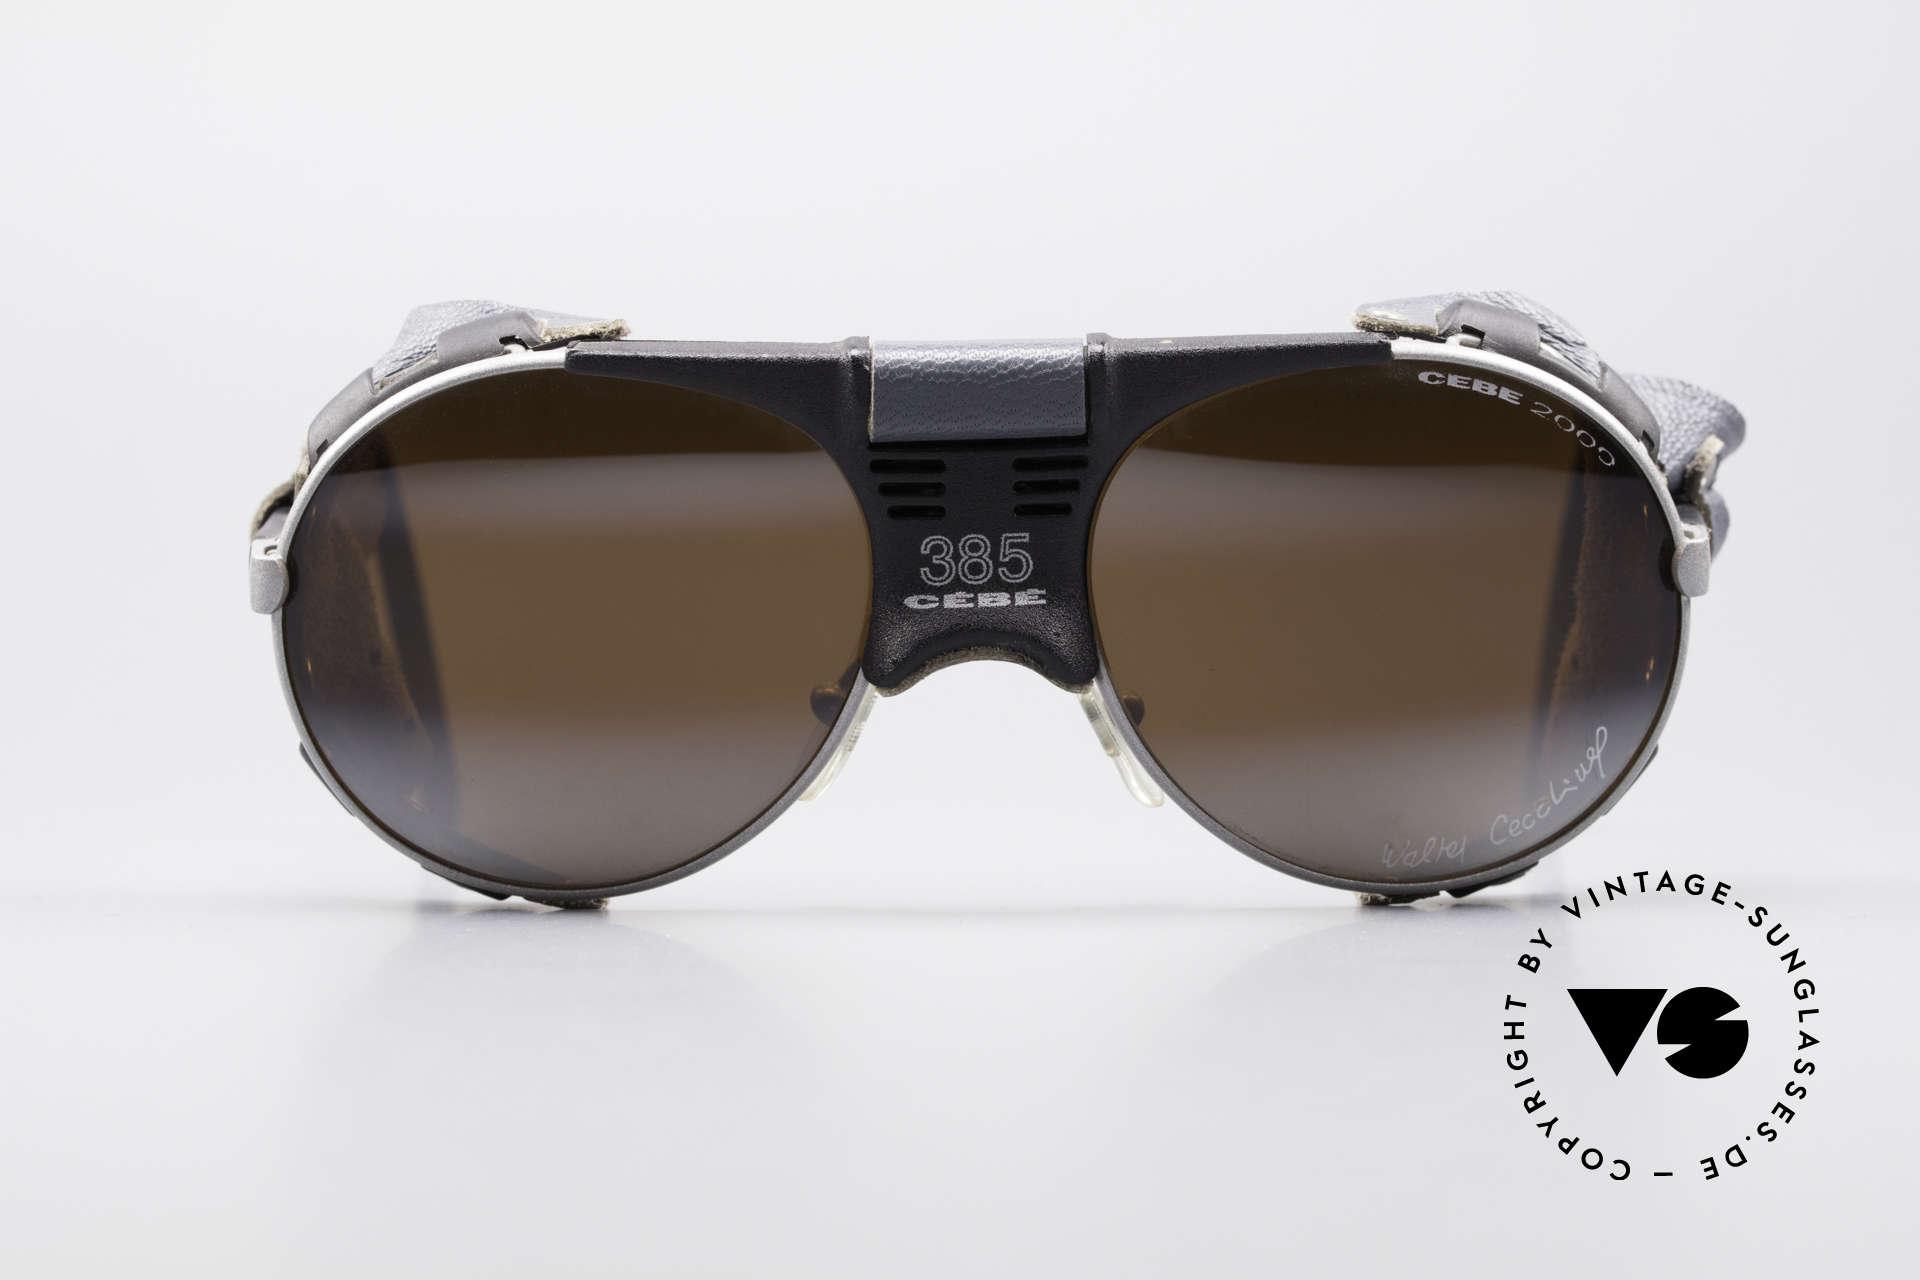 Sunglasses Cebe 385 Walter Cecchinel Sunglasses  3f9e197ddba